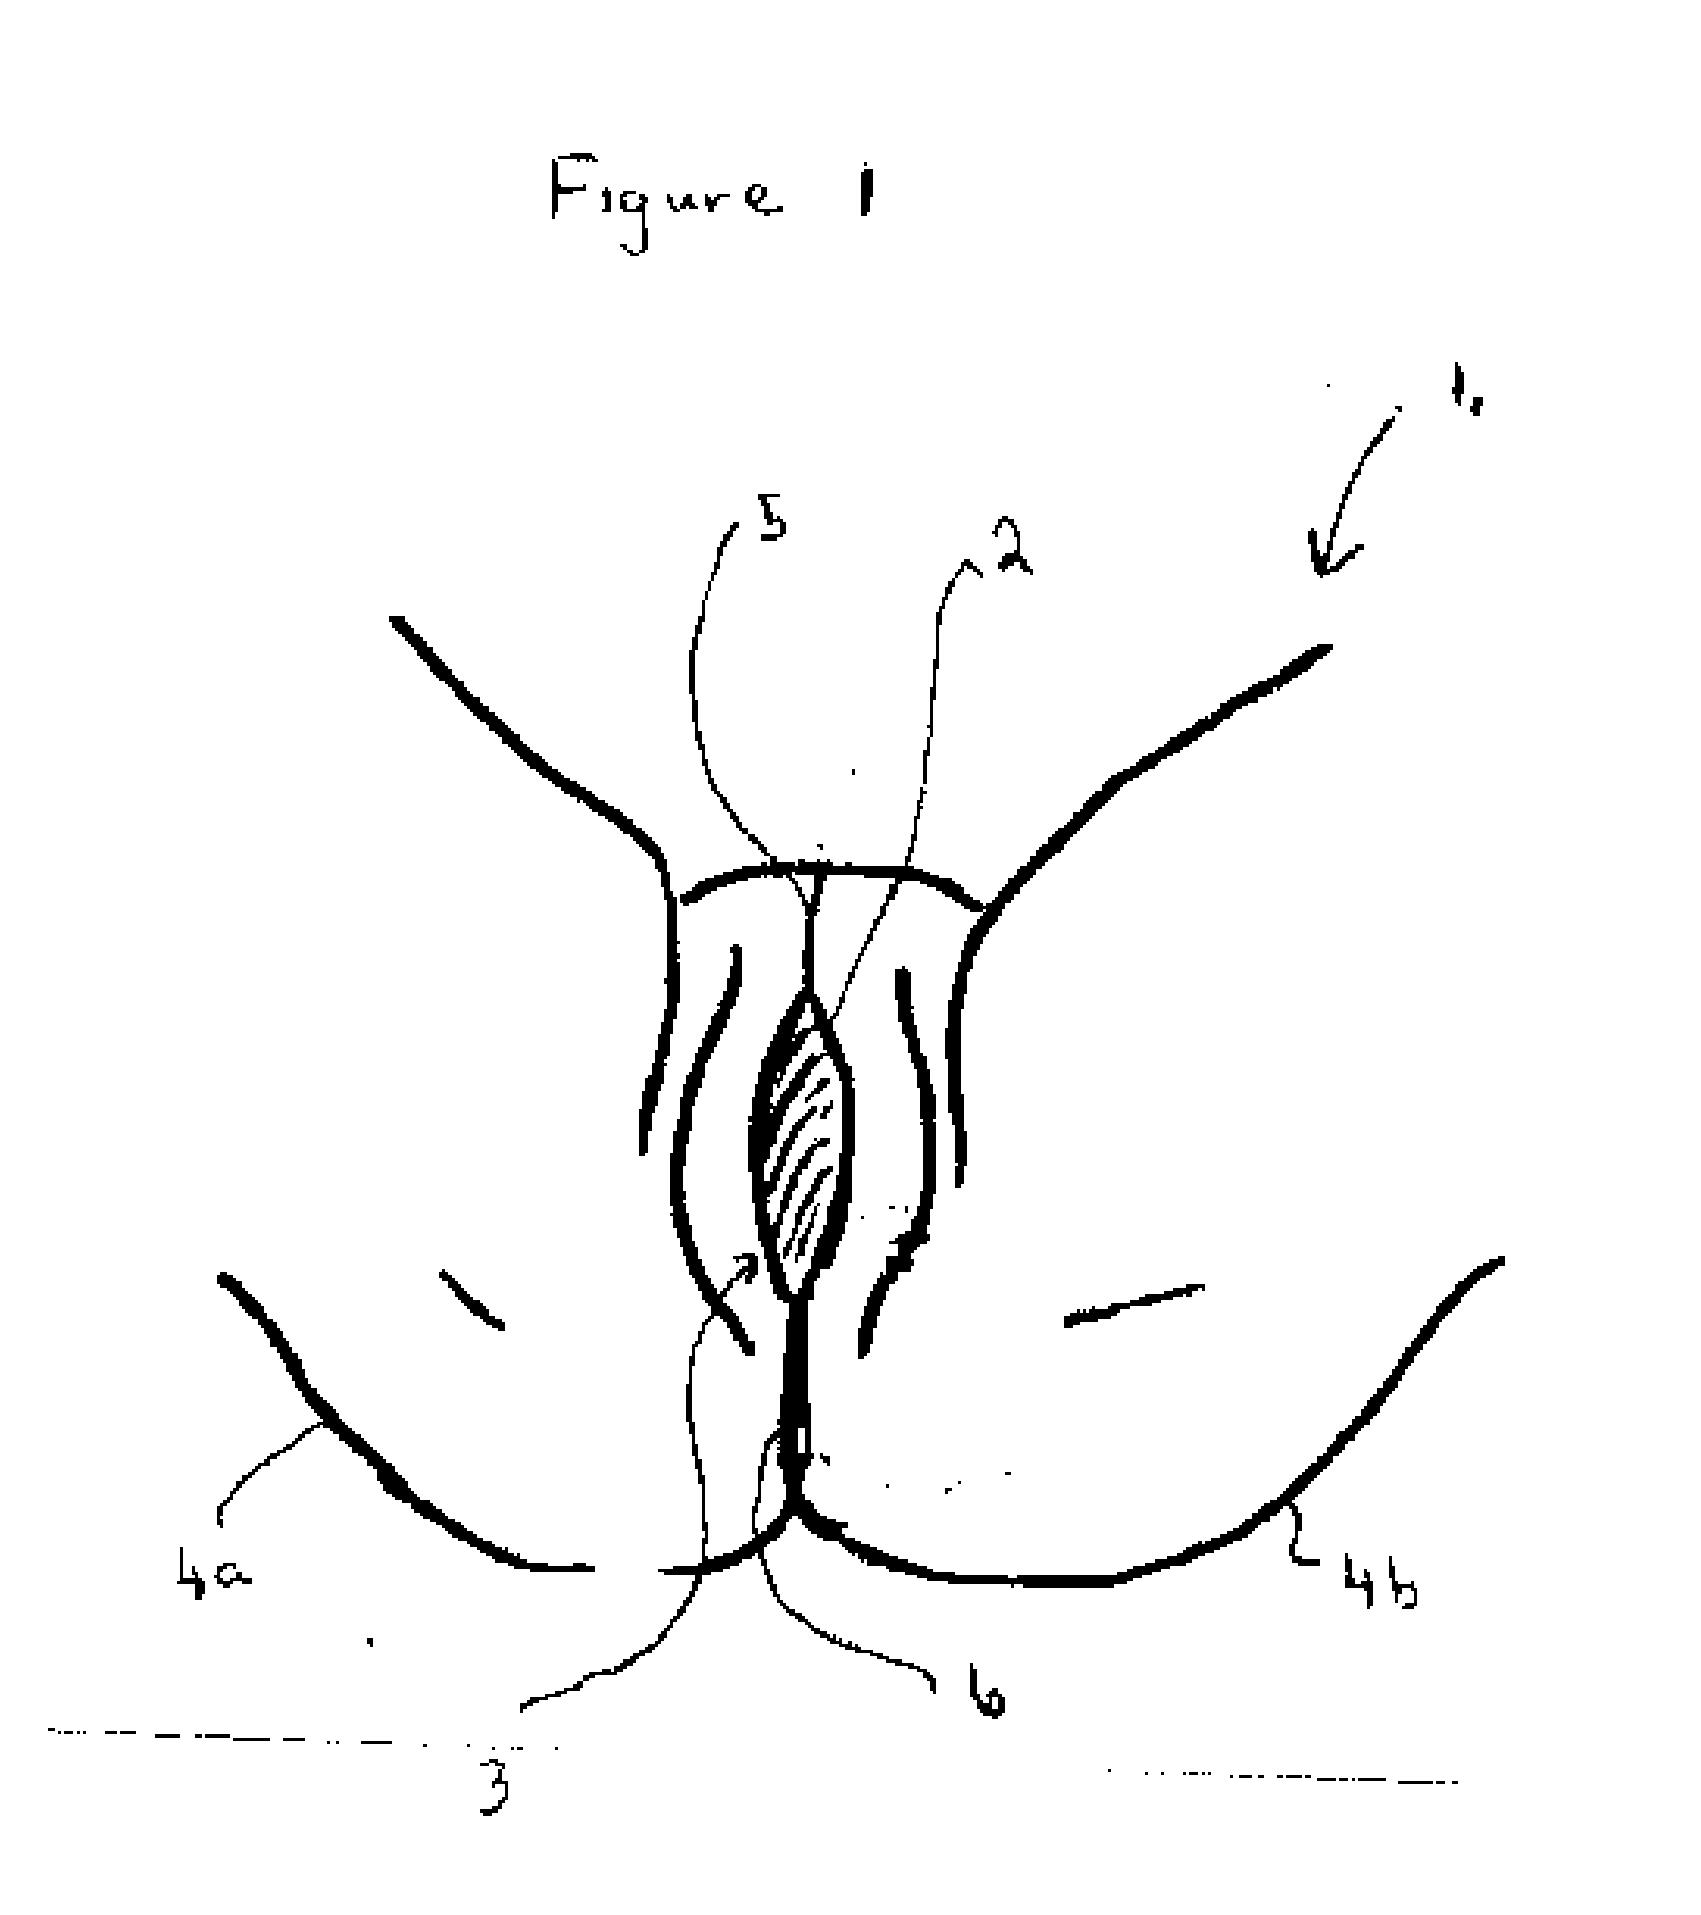 Male brazilian waxing with uncut erection 10